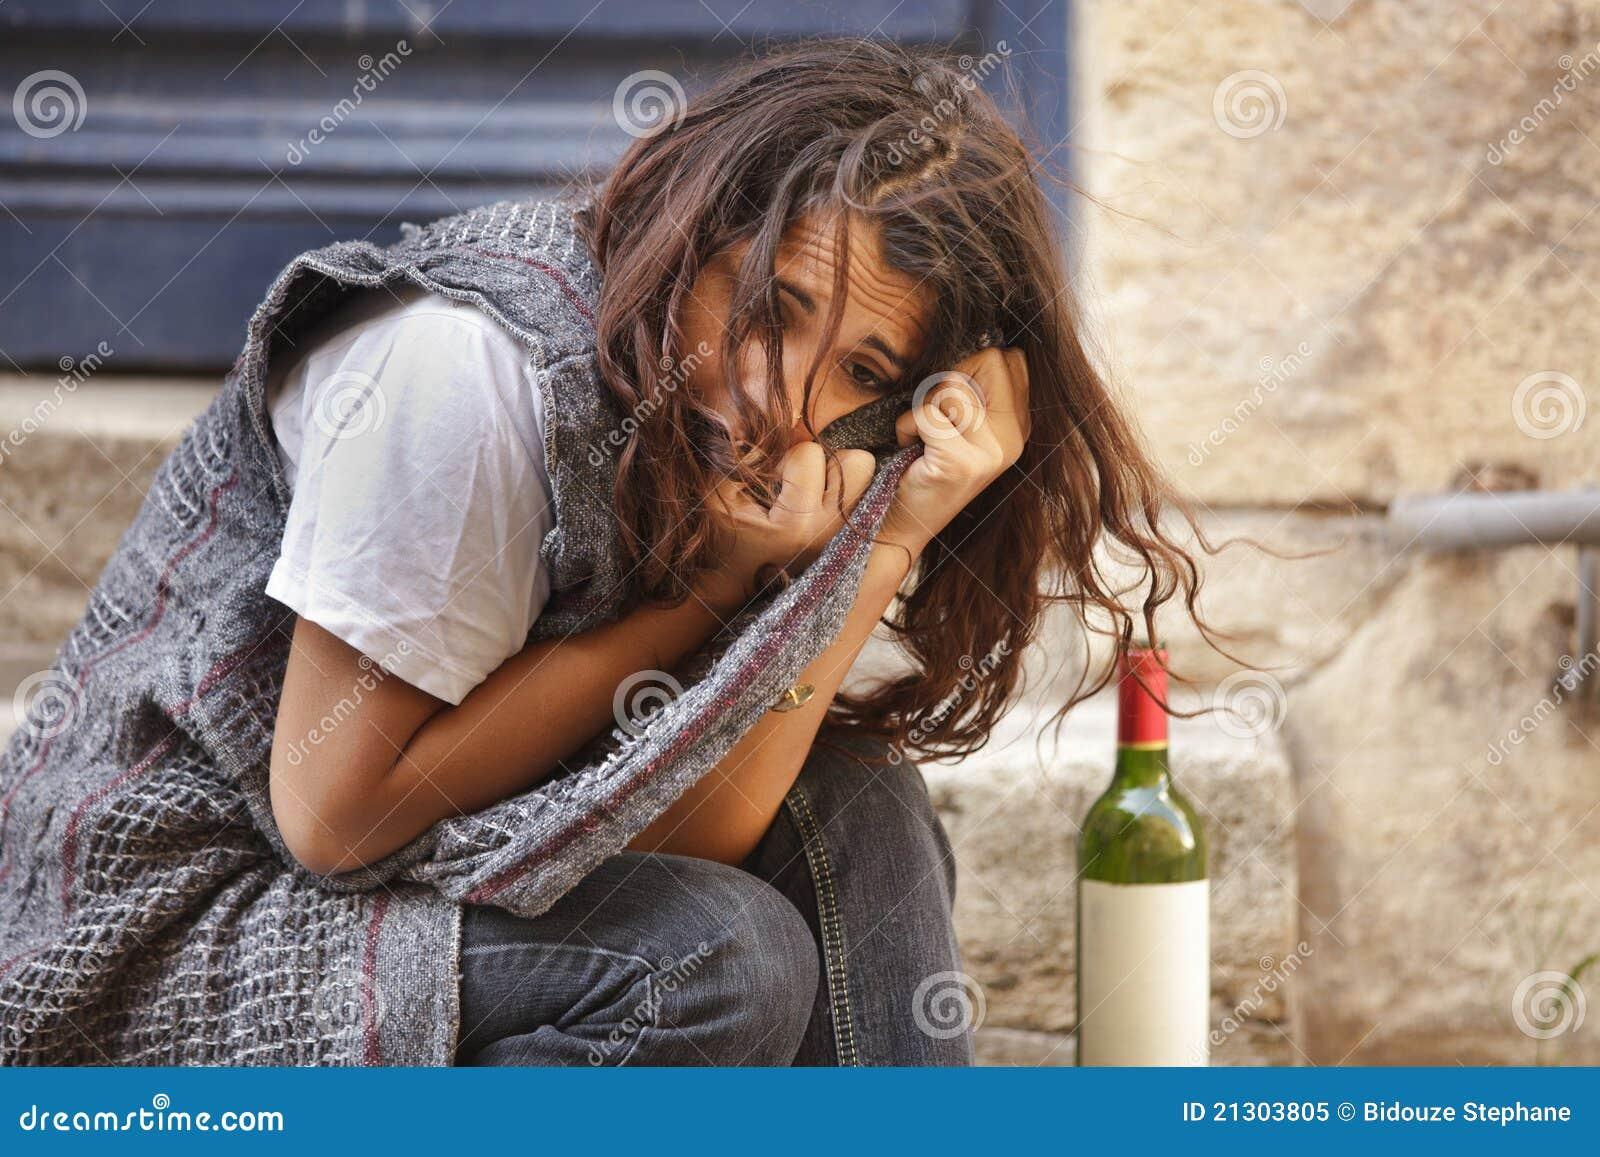 Alleen gedronken meisje